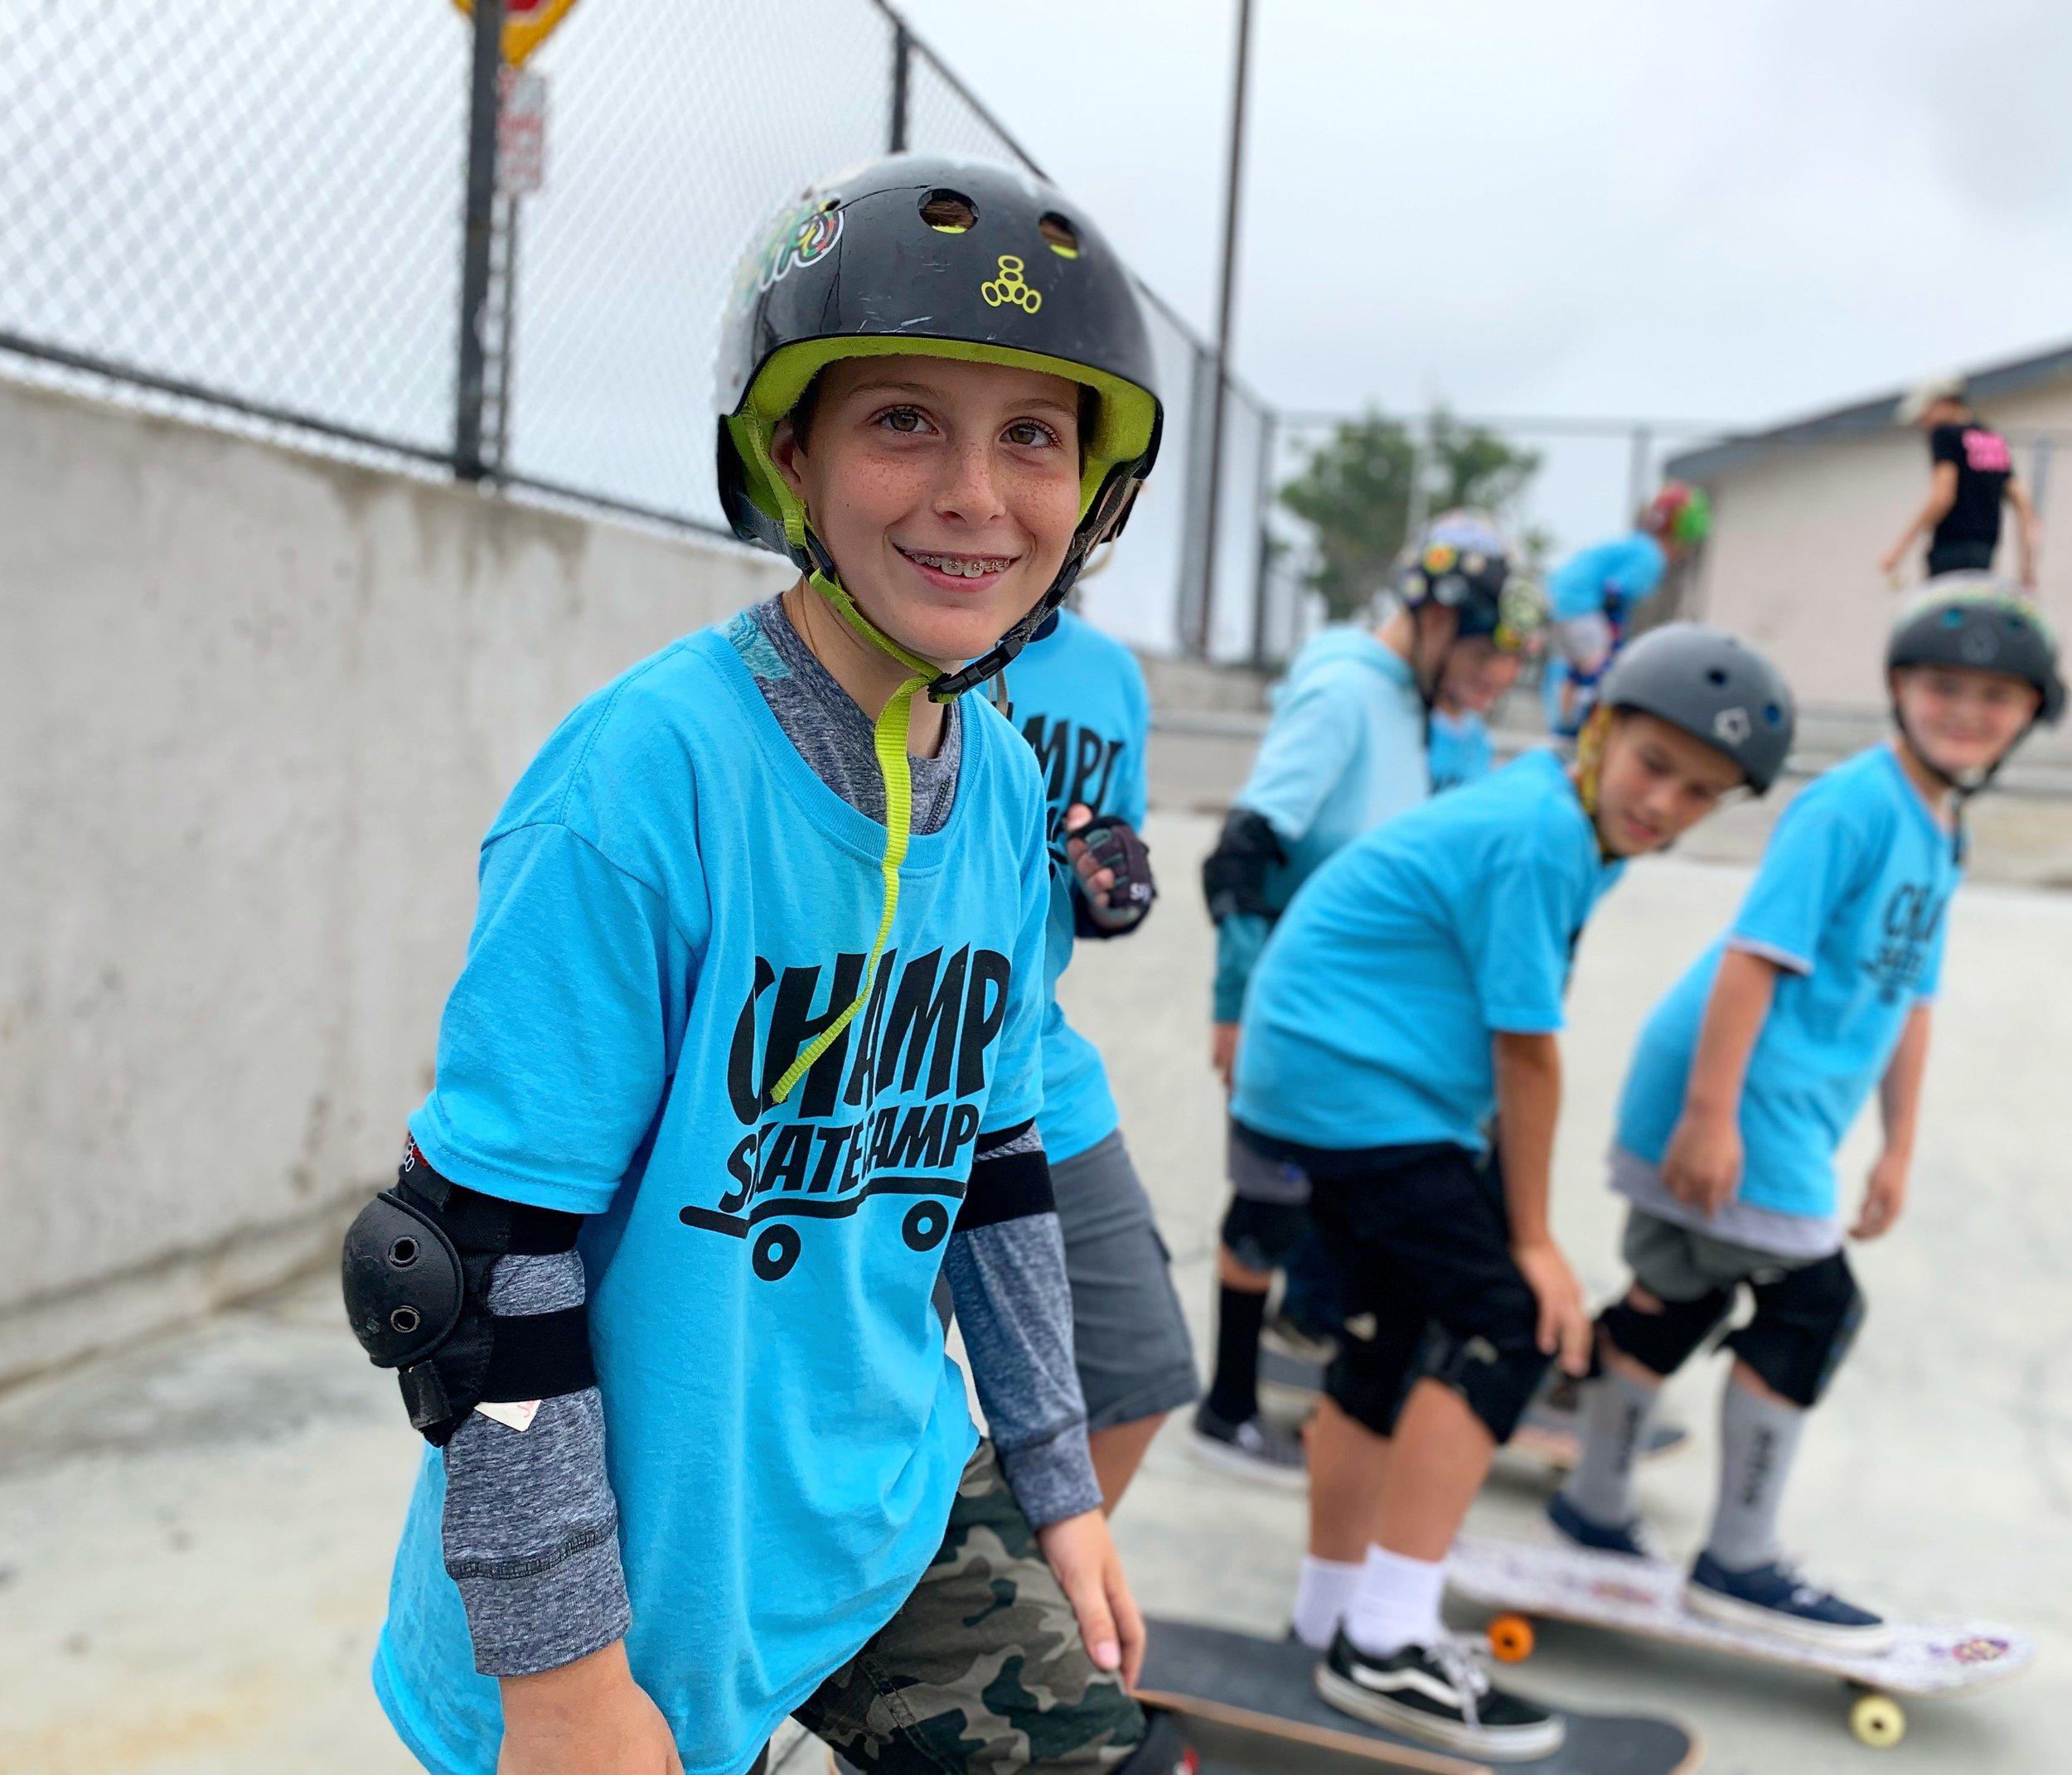 champ skate camp skateboarding group.JPG